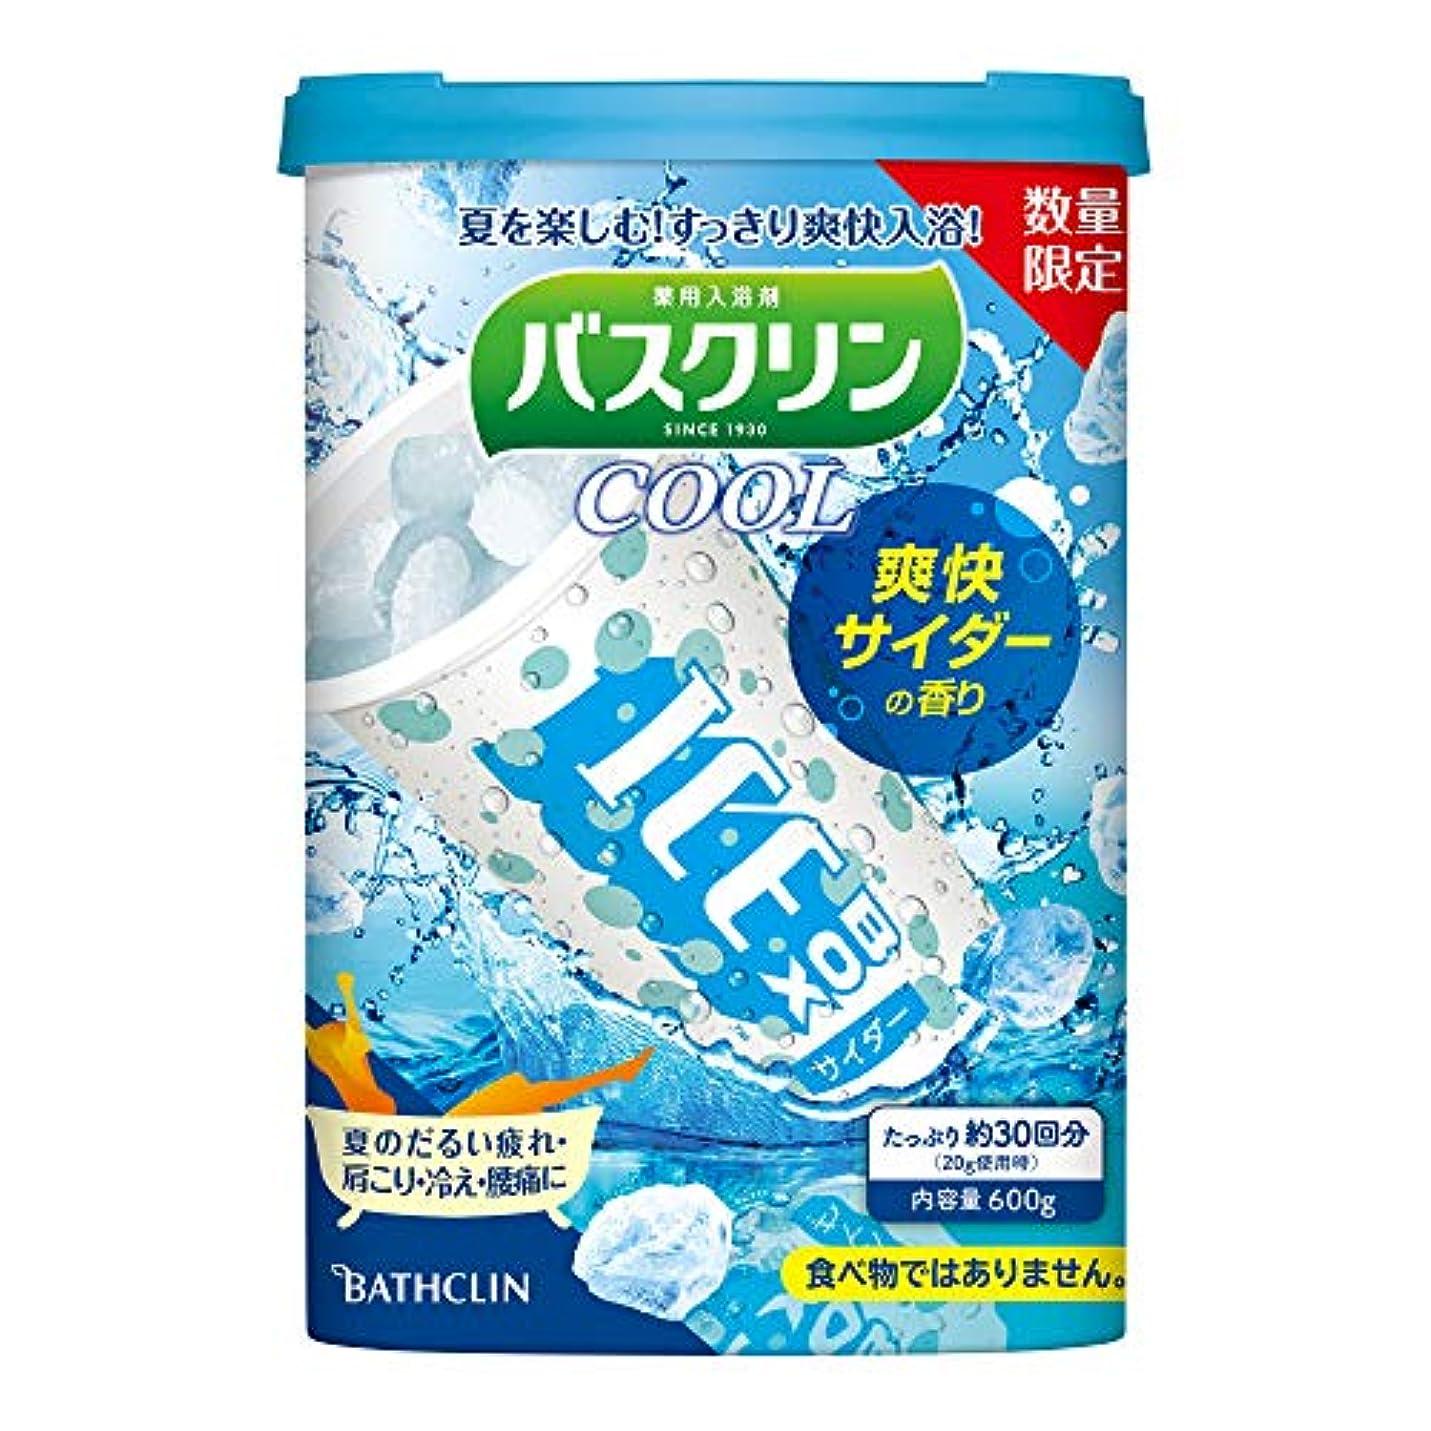 地区準備した期間【医薬部外品/数量限定品】バスクリンクール入浴剤 ICEBOX爽快サイダーの香り 600g(約30回分) クール入浴剤 すっきりさわやか